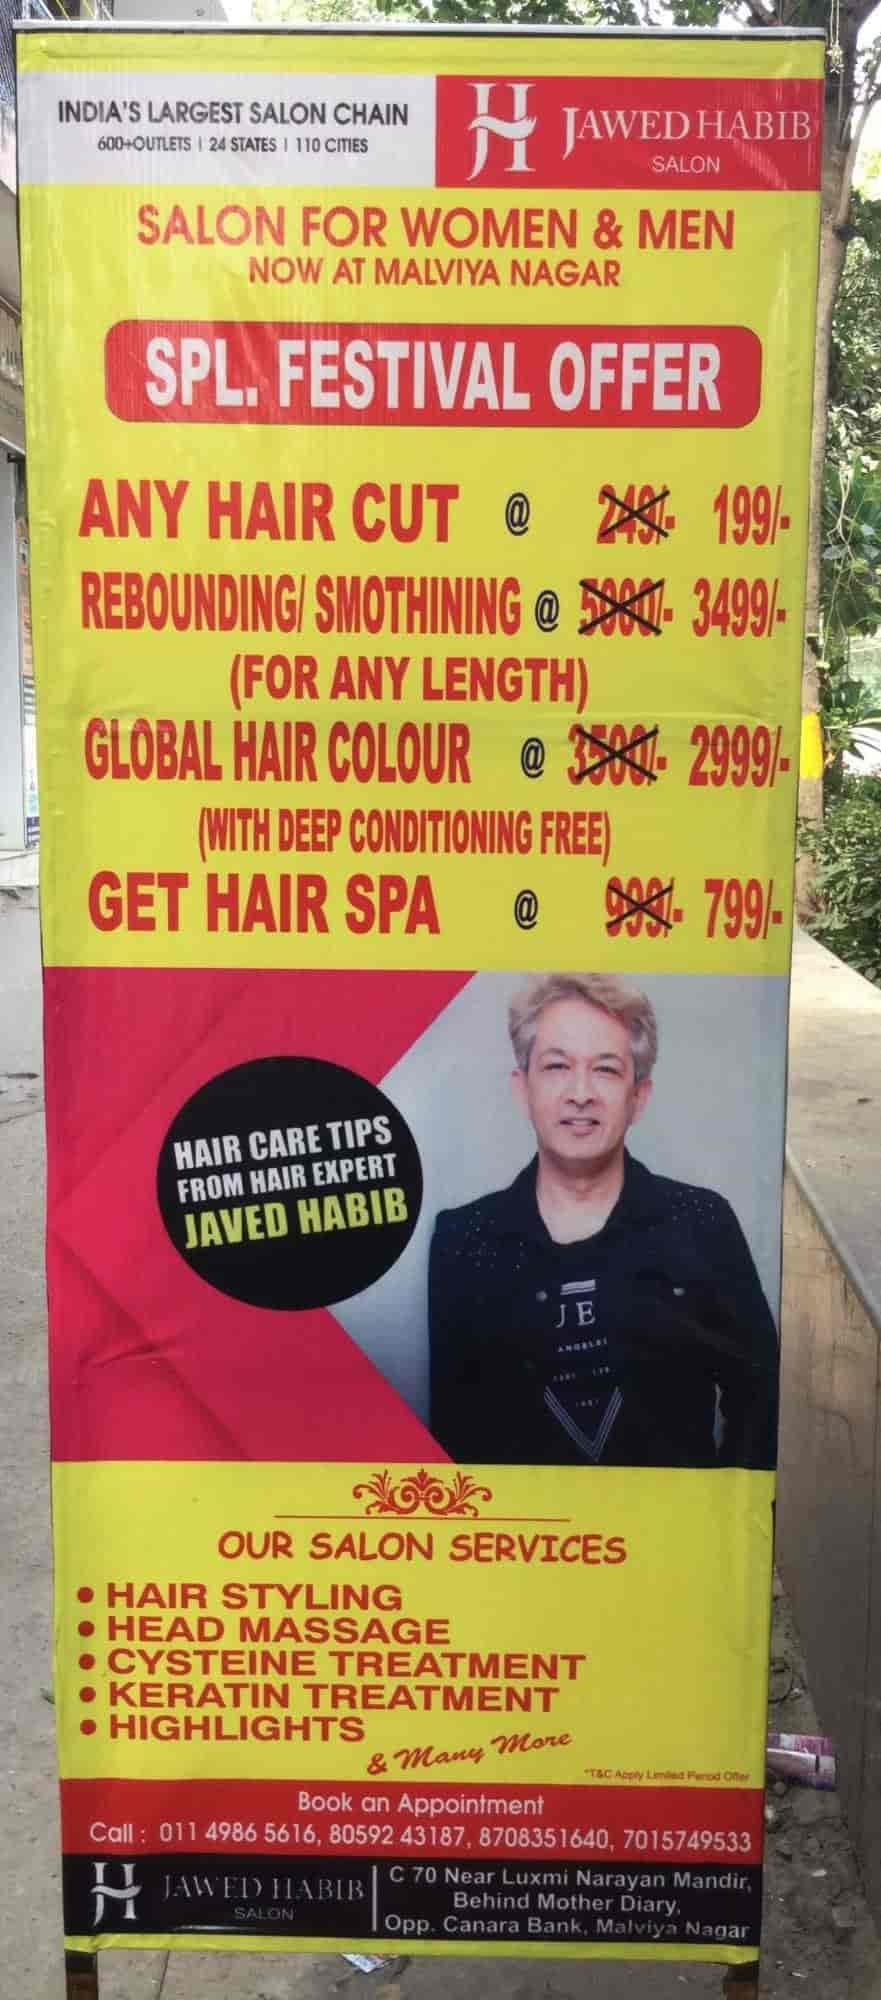 Jawed Habib Hair Studio Malviya Nagar Javed Habib Hair Studio